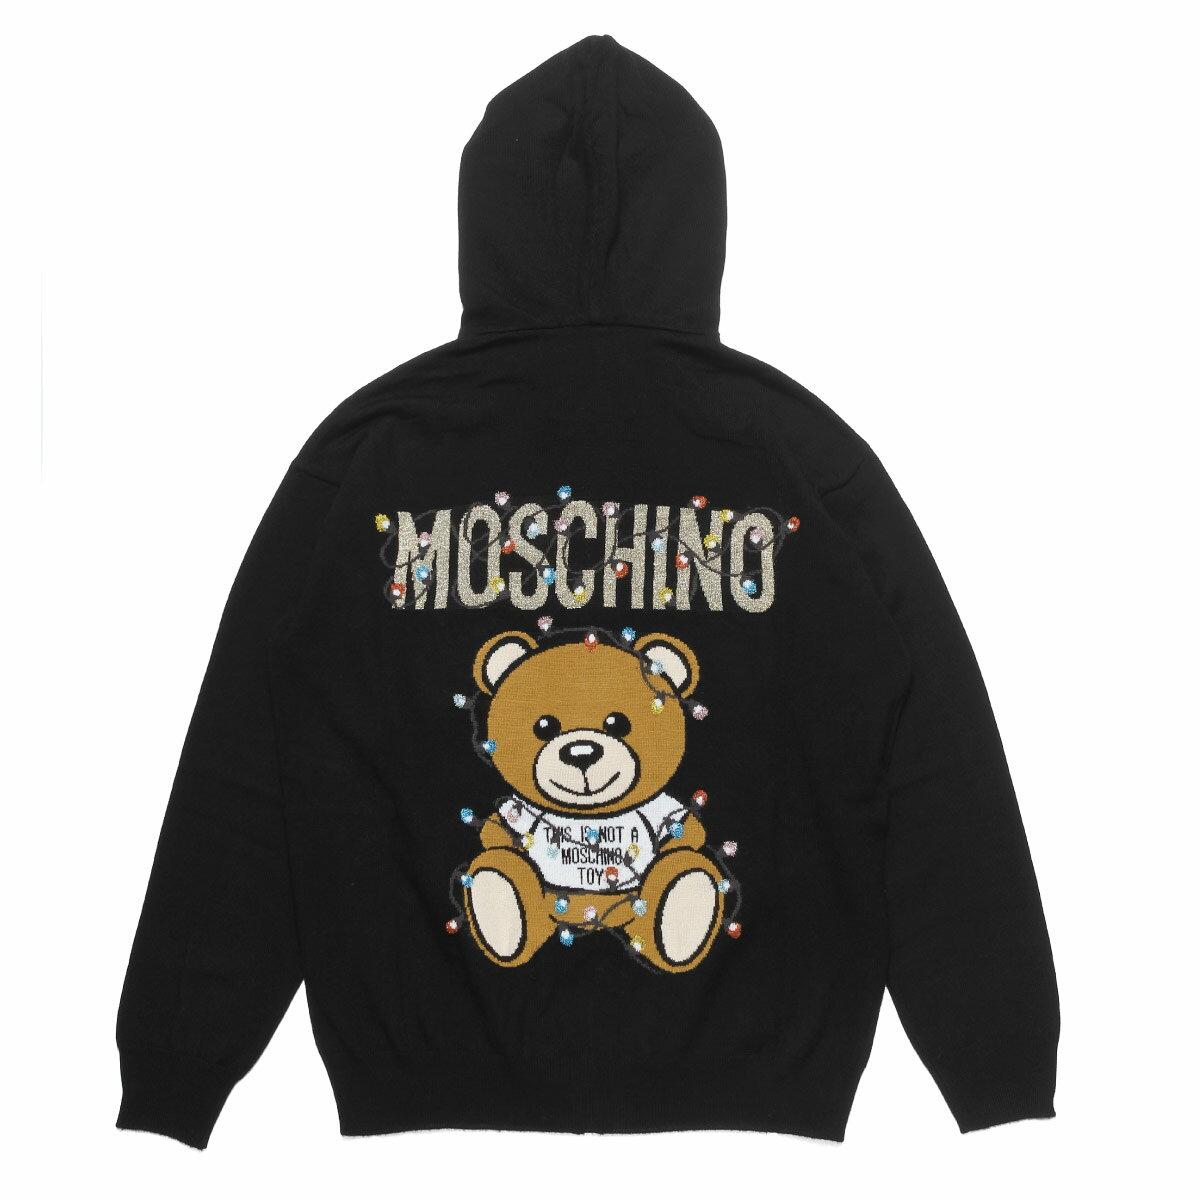 ニット・セーター, ニットパーカー  MOSCHINO 0901 4100 1555 BLACK